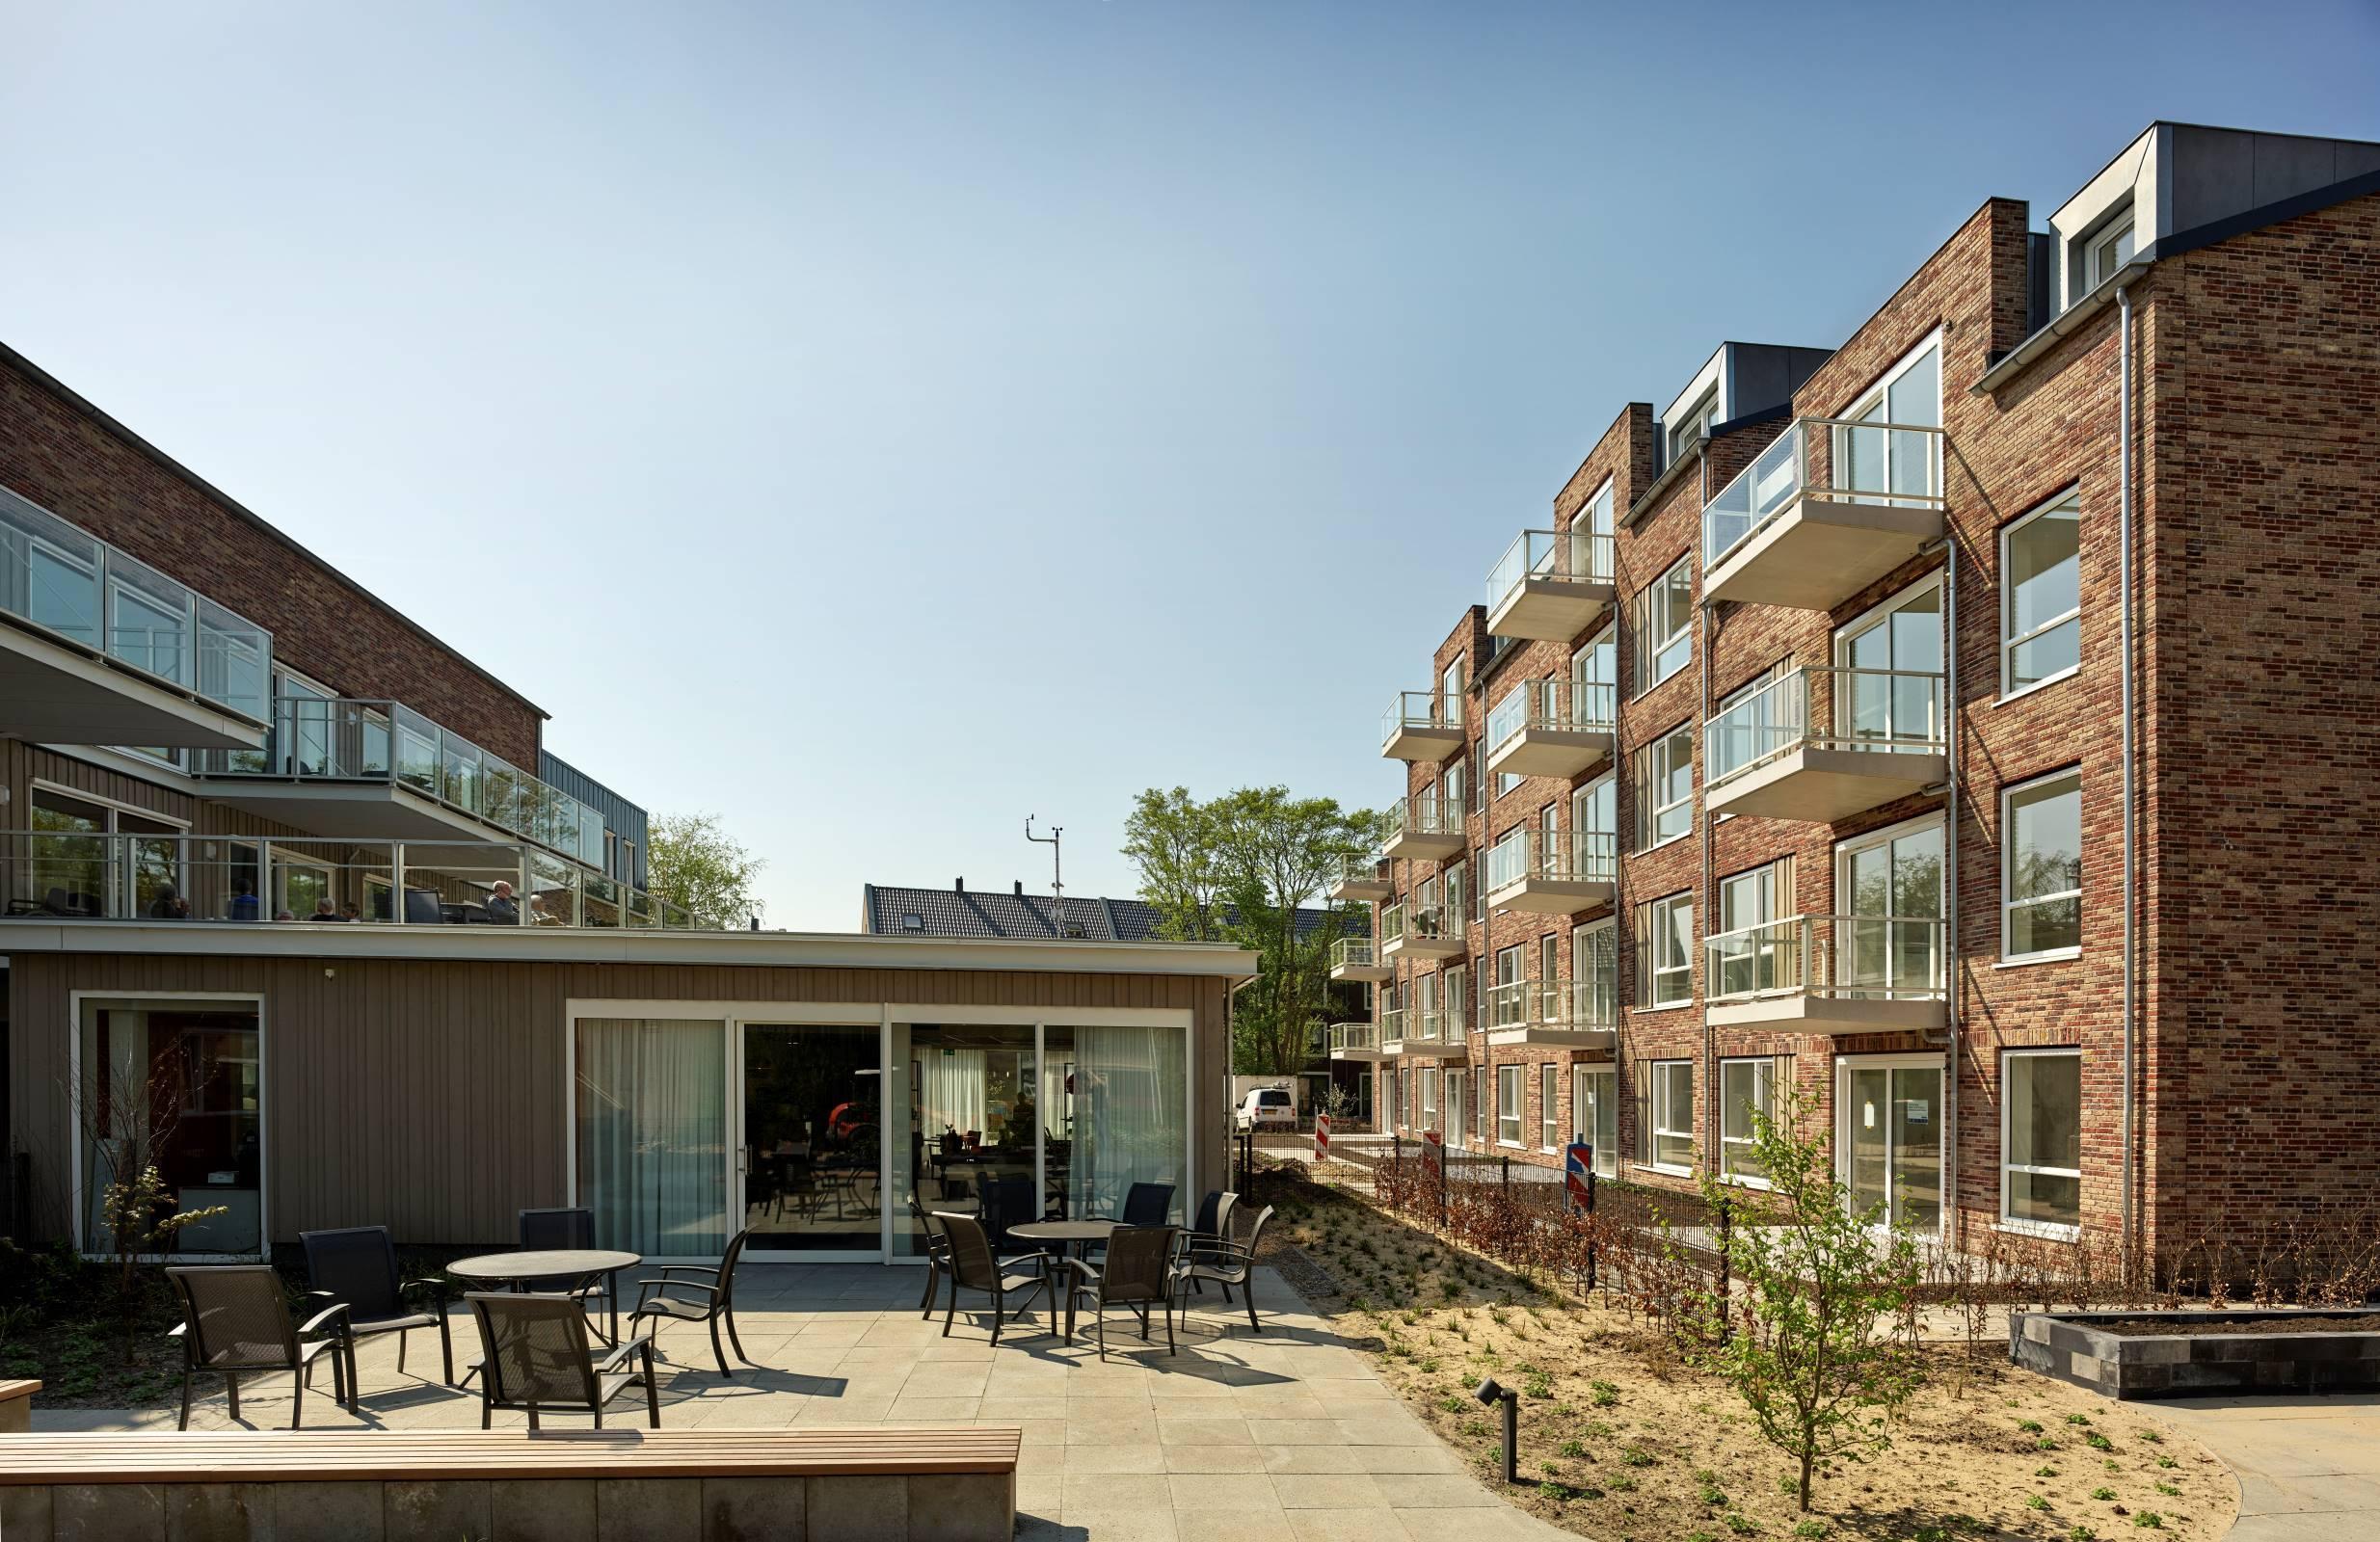 Woonzorgcomplex Theresia Ouderkerk aan de Amstel